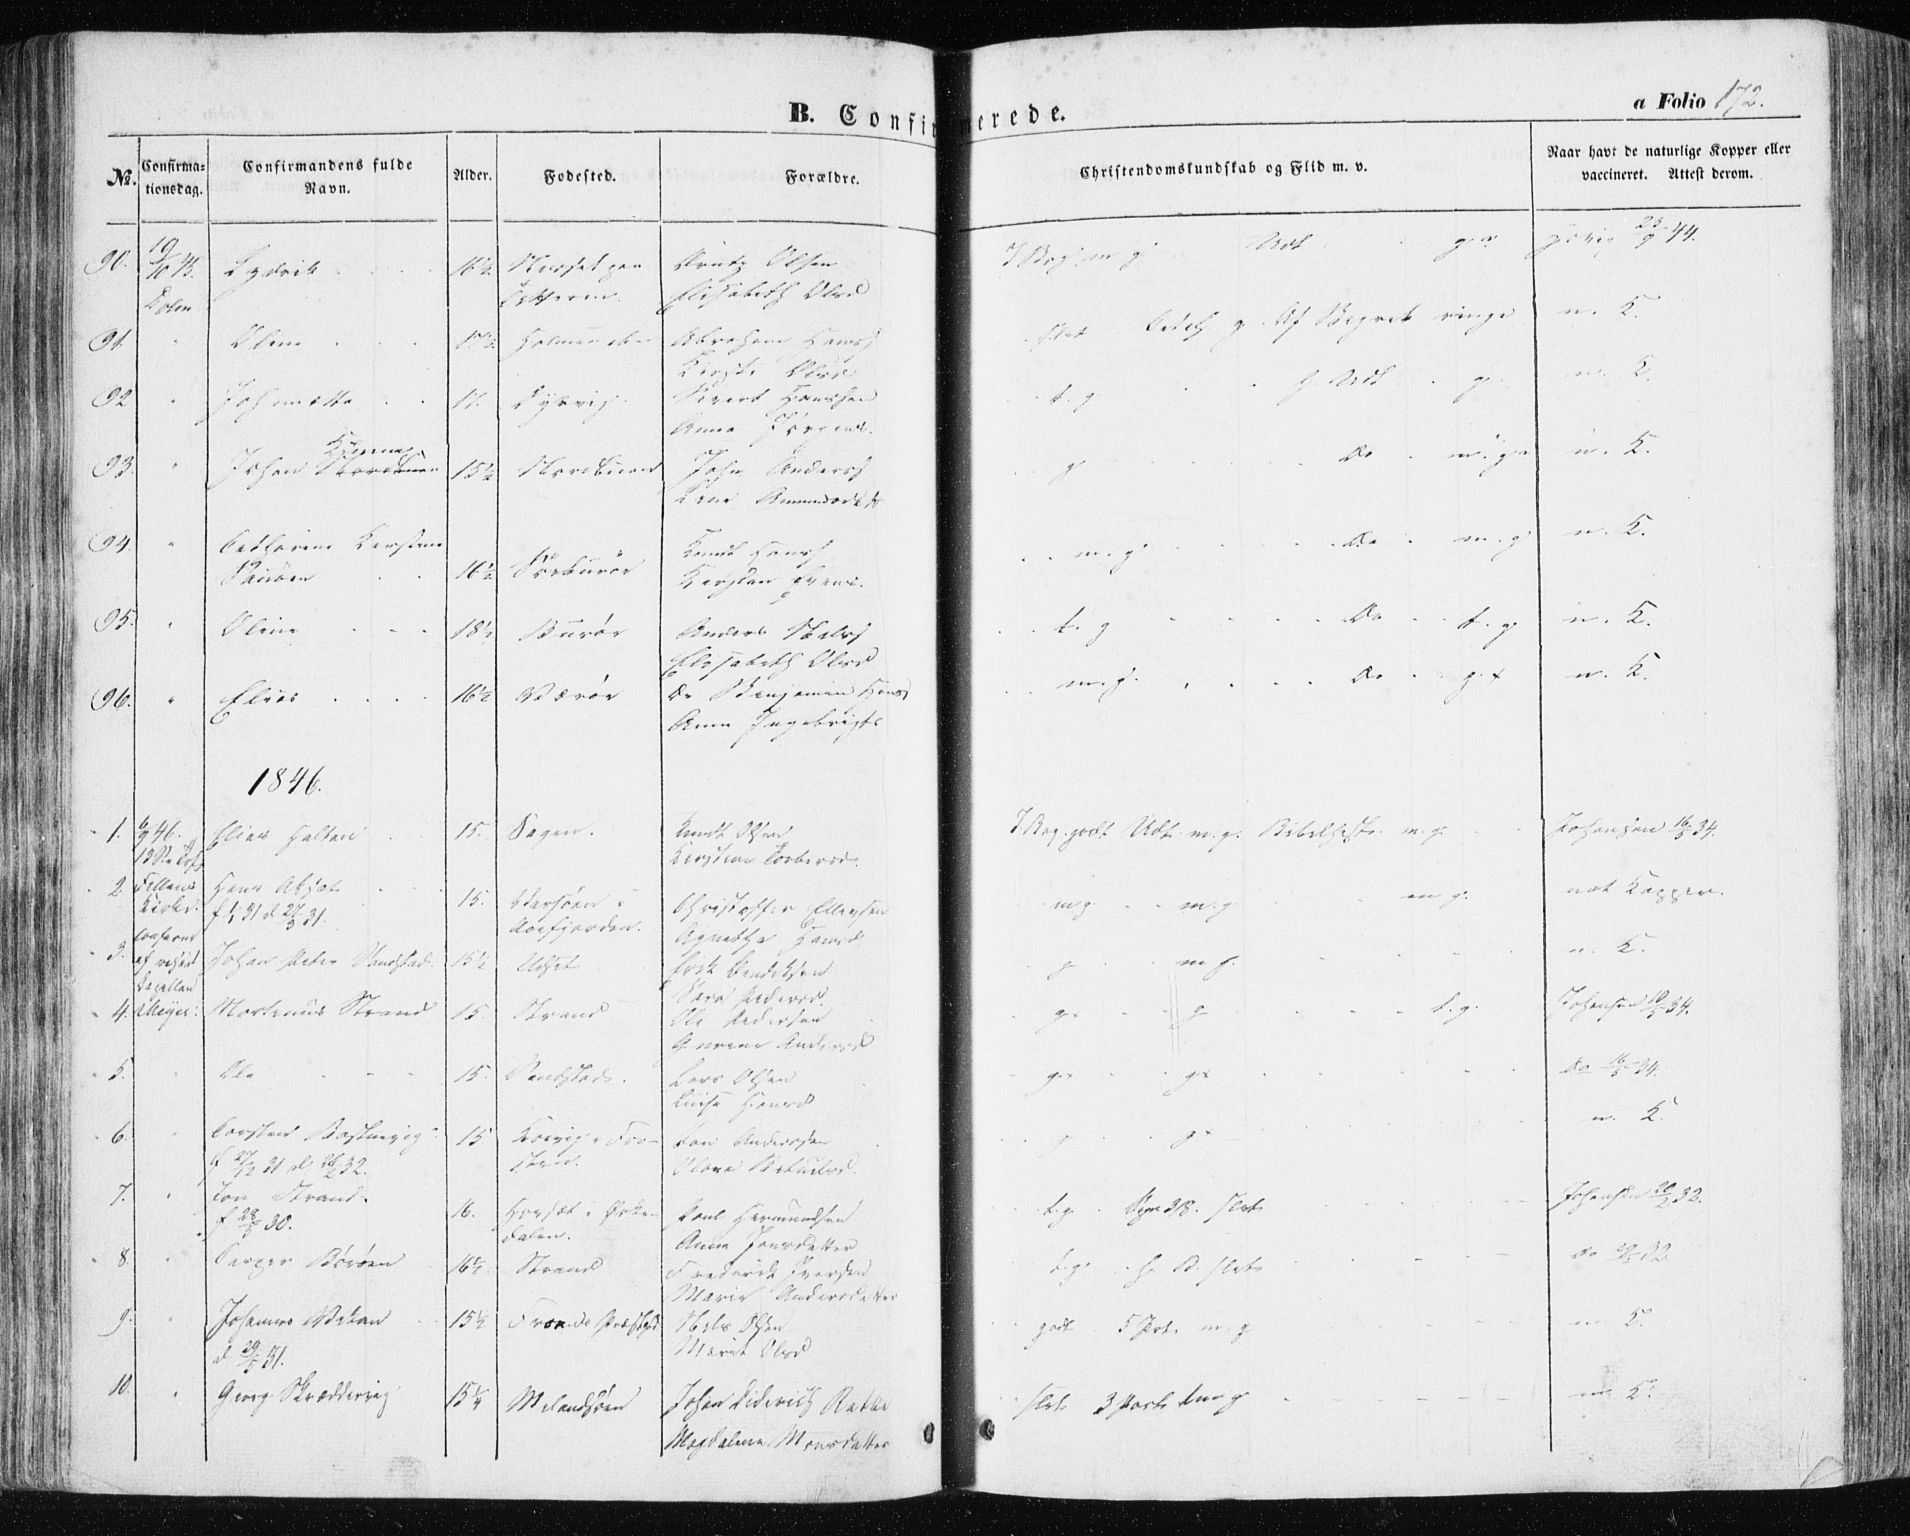 SAT, Ministerialprotokoller, klokkerbøker og fødselsregistre - Sør-Trøndelag, 634/L0529: Ministerialbok nr. 634A05, 1843-1851, s. 172